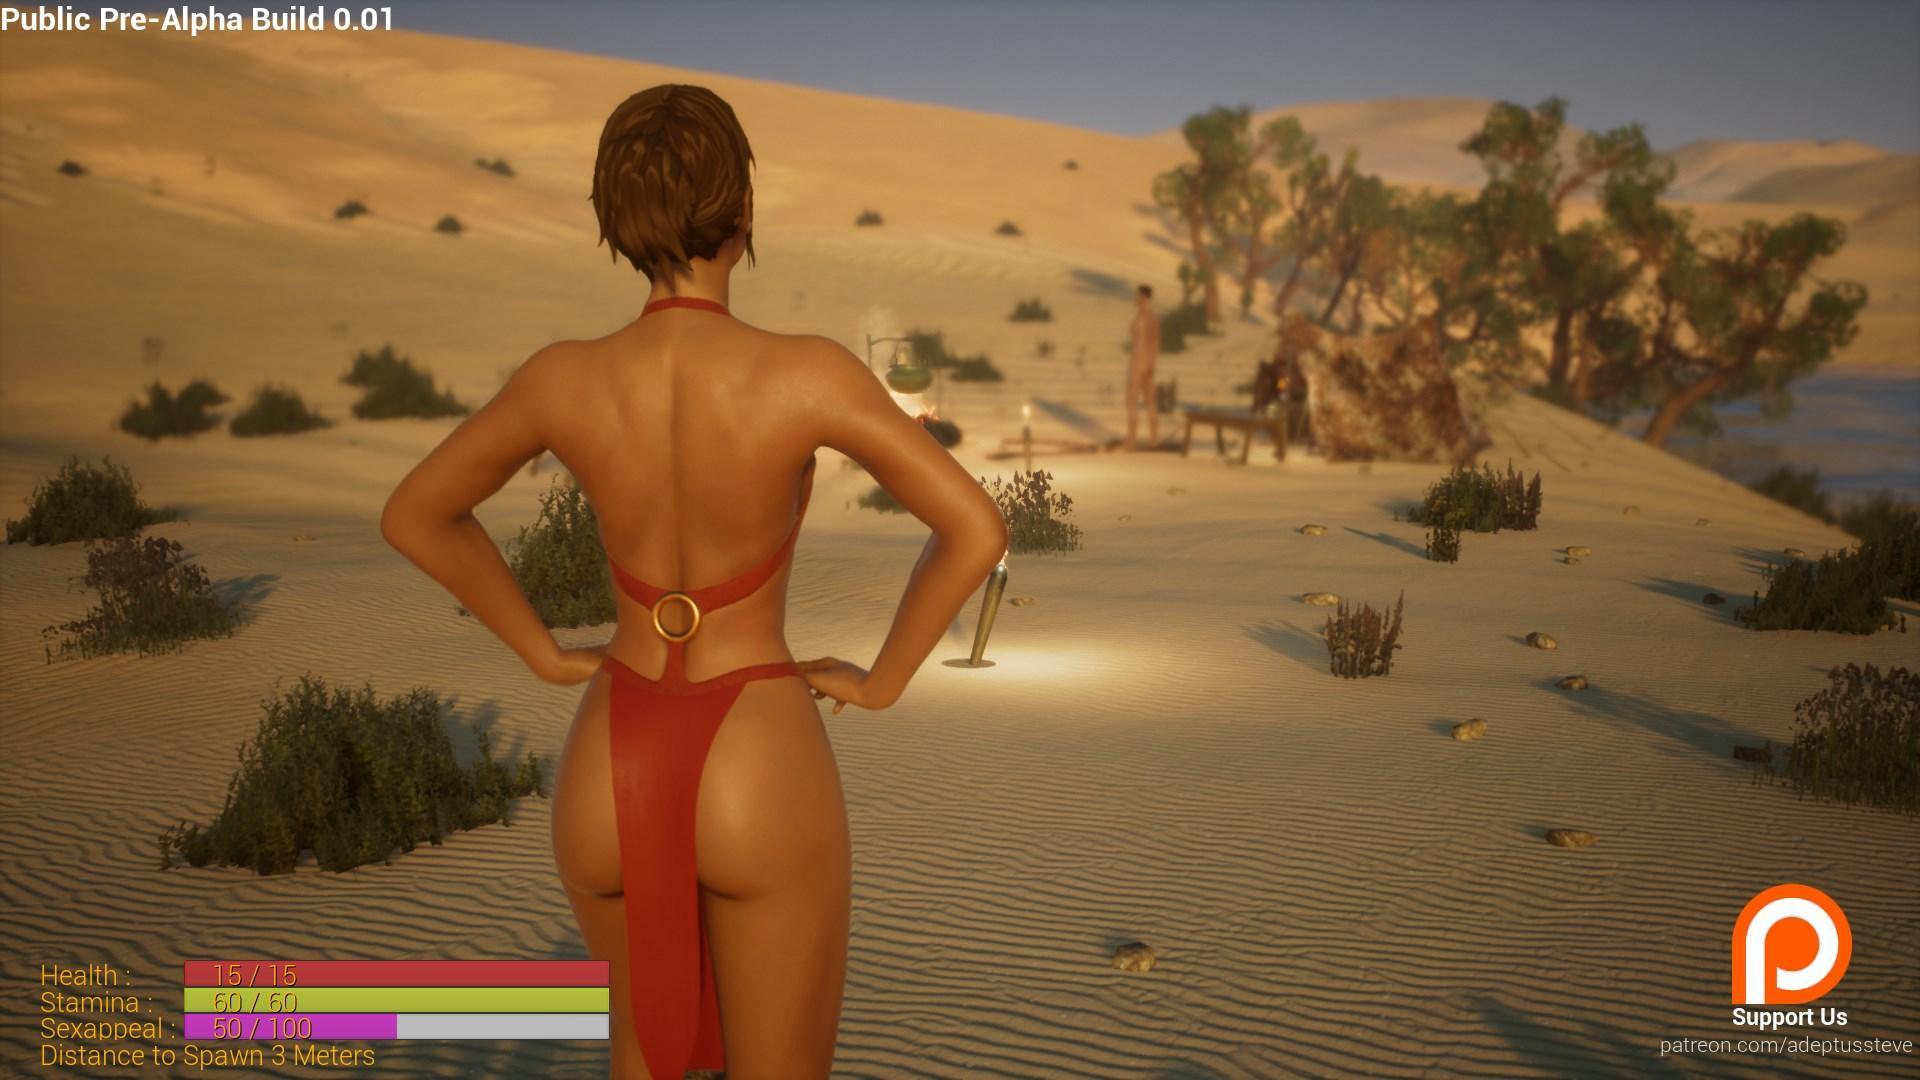 Секс онлайн игры знакомства, Эротическая флэш игра: Интернет-знакомство 26 фотография